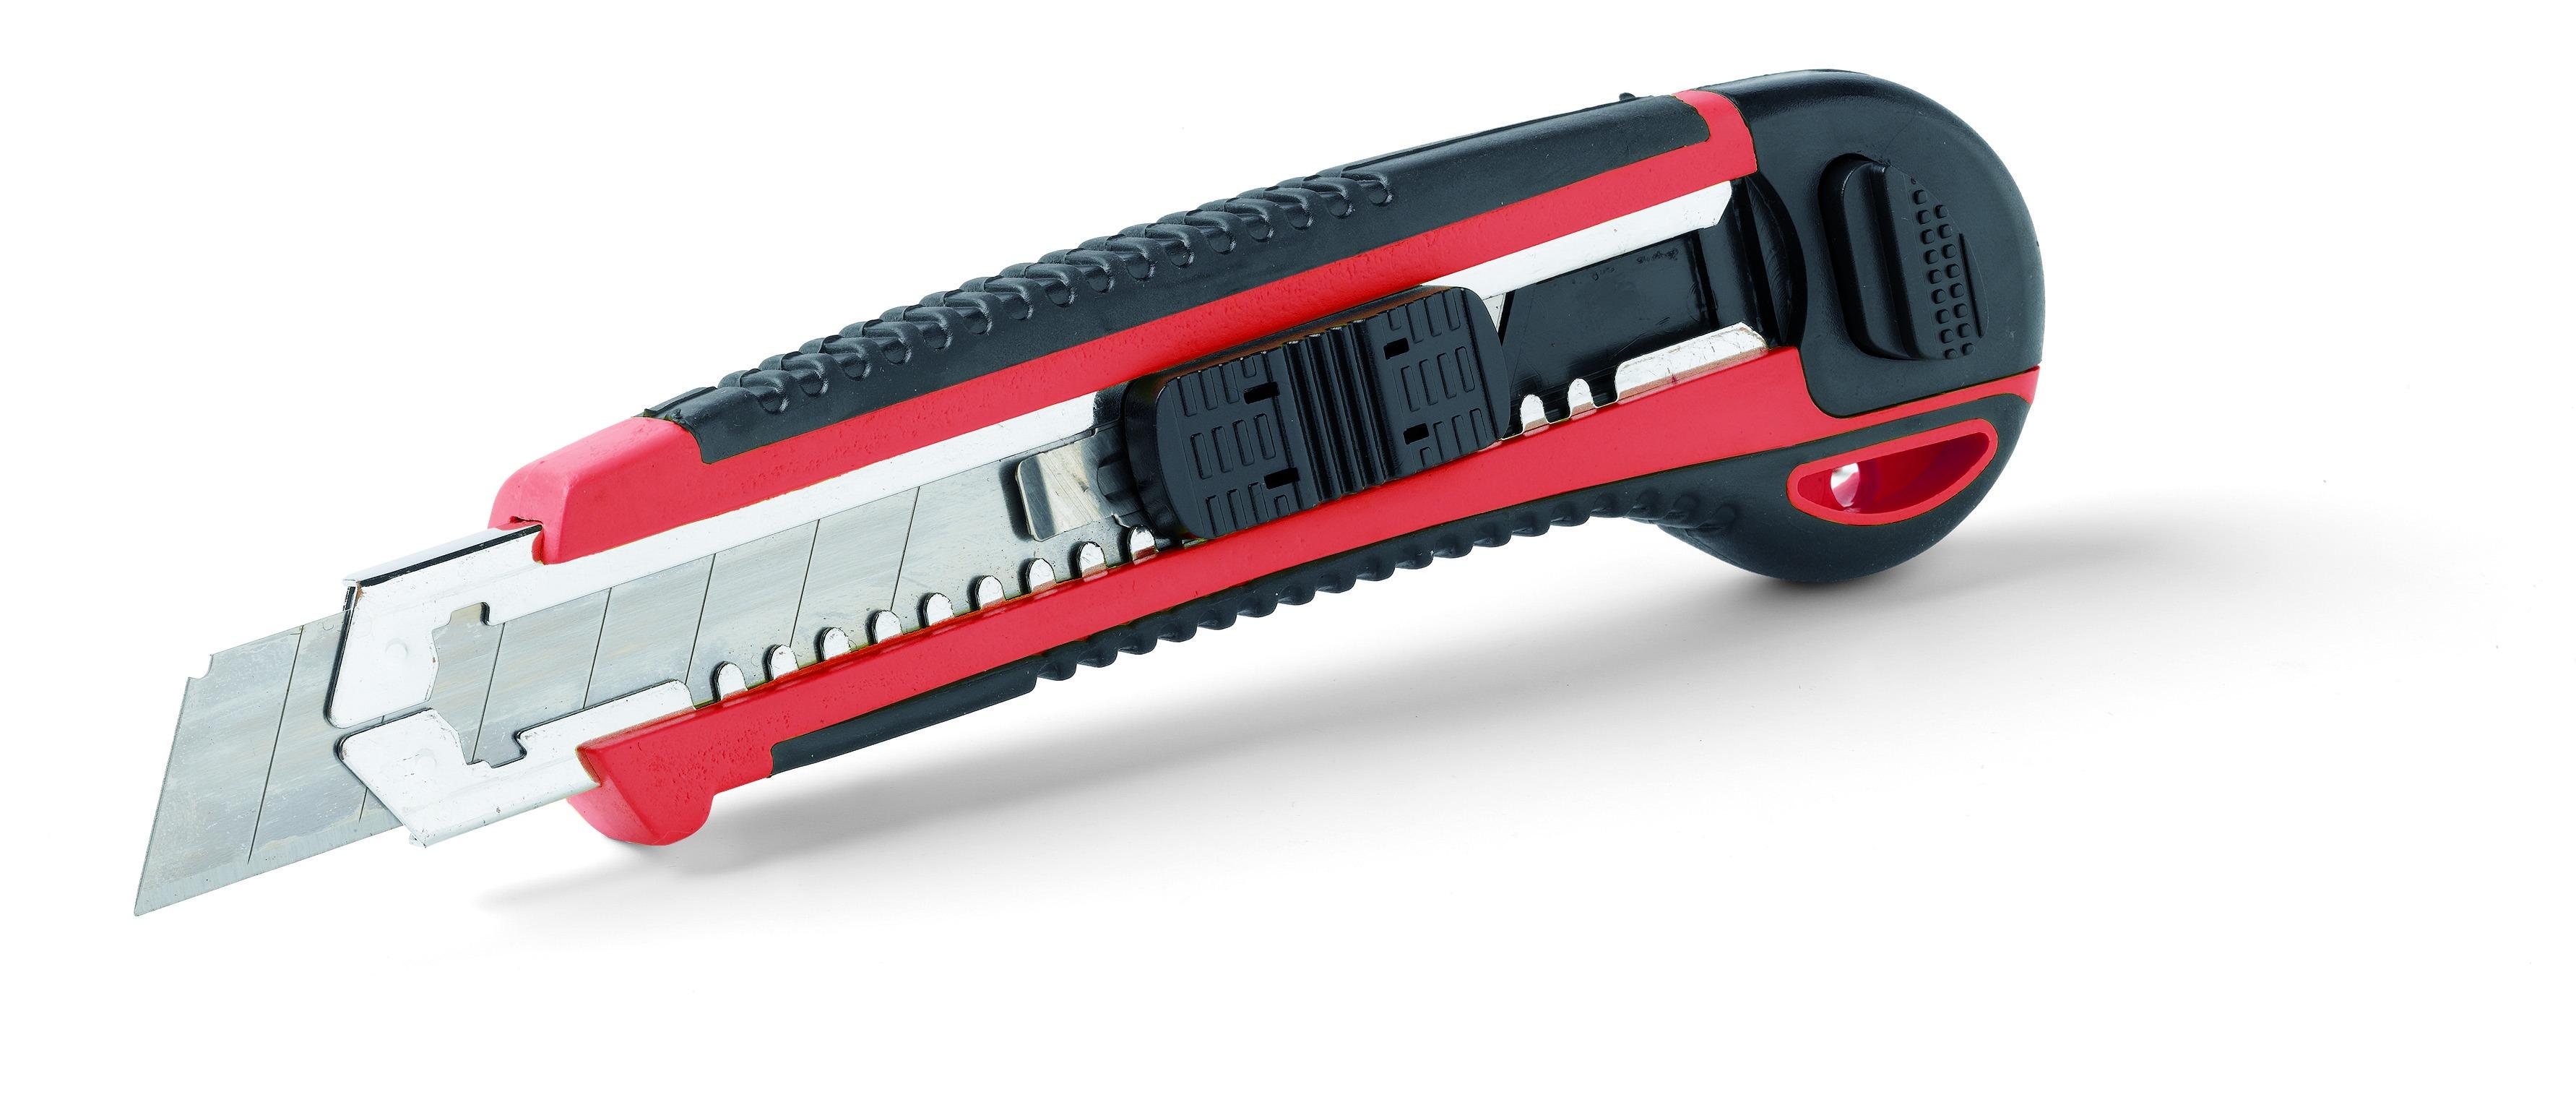 Schuller Nůž Nippon-Cutter 9000, 3 náhradní ostří, 18 mm